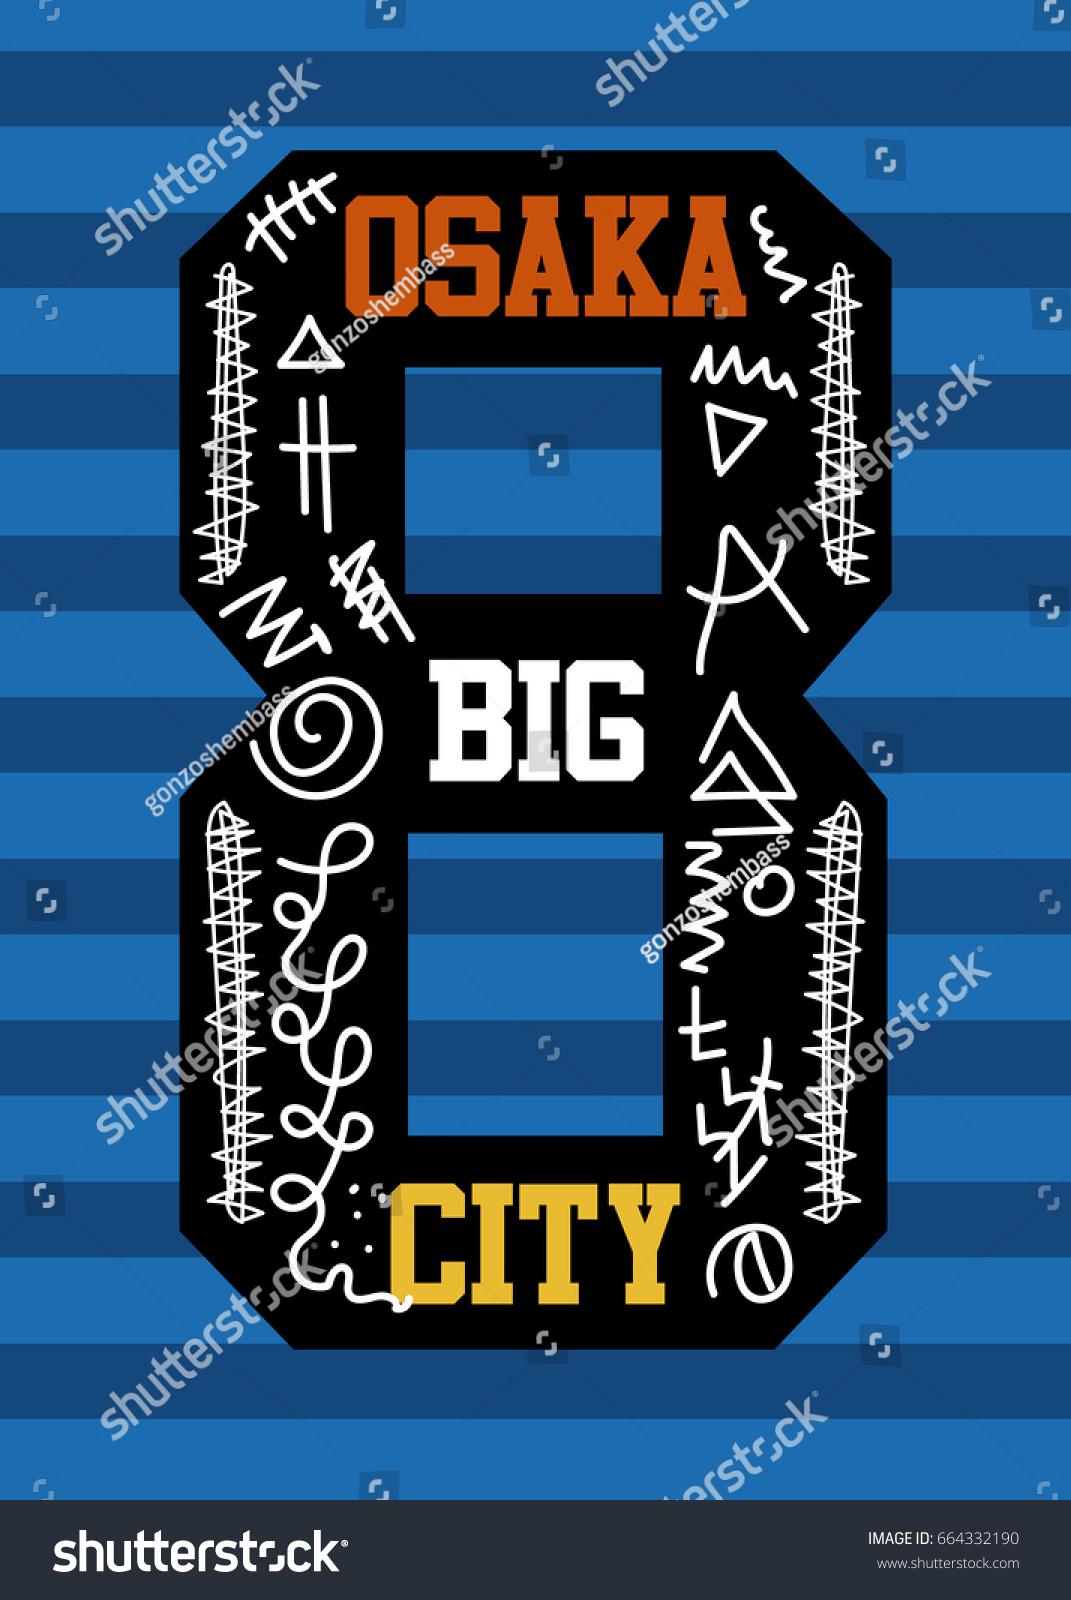 Osaka Big Citytshirt Print Poster Vector Stock Vector Royalty Free